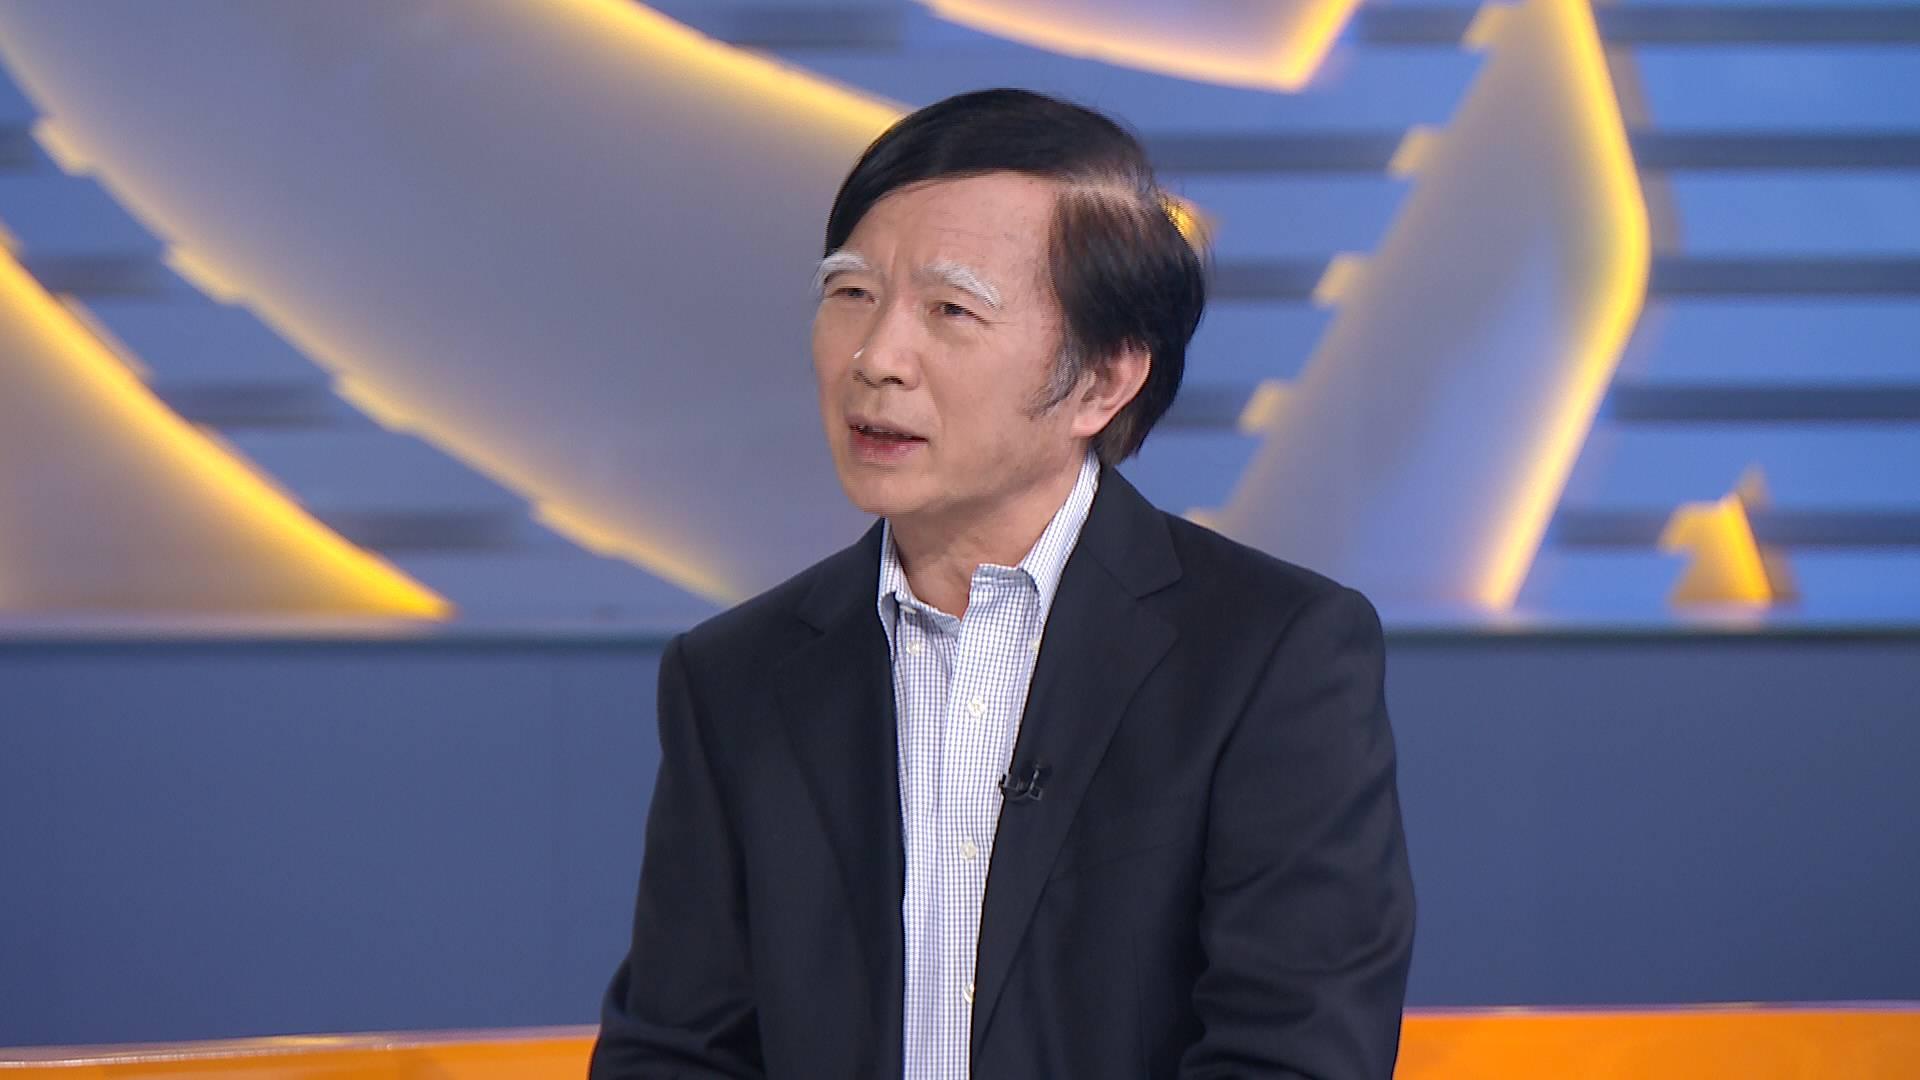 尼山论坛学术委员会副主任王学典:中国对建设人类命运共同体有大担当